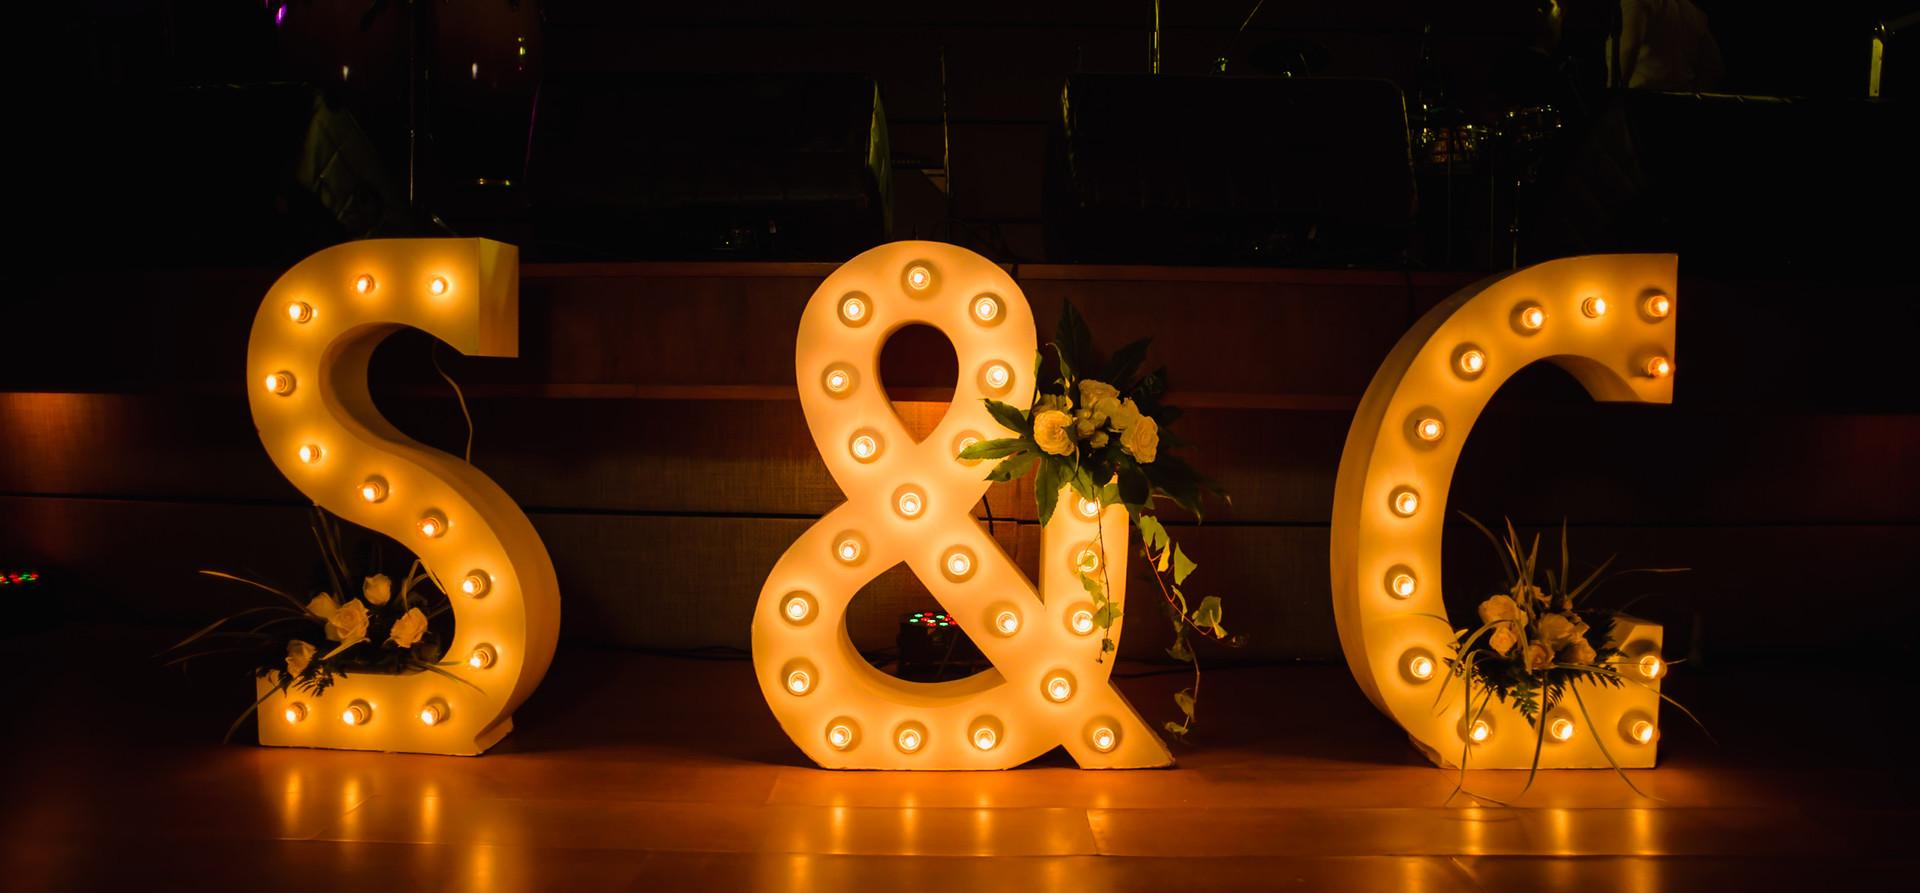 letras iluminadas santa marta.jpg